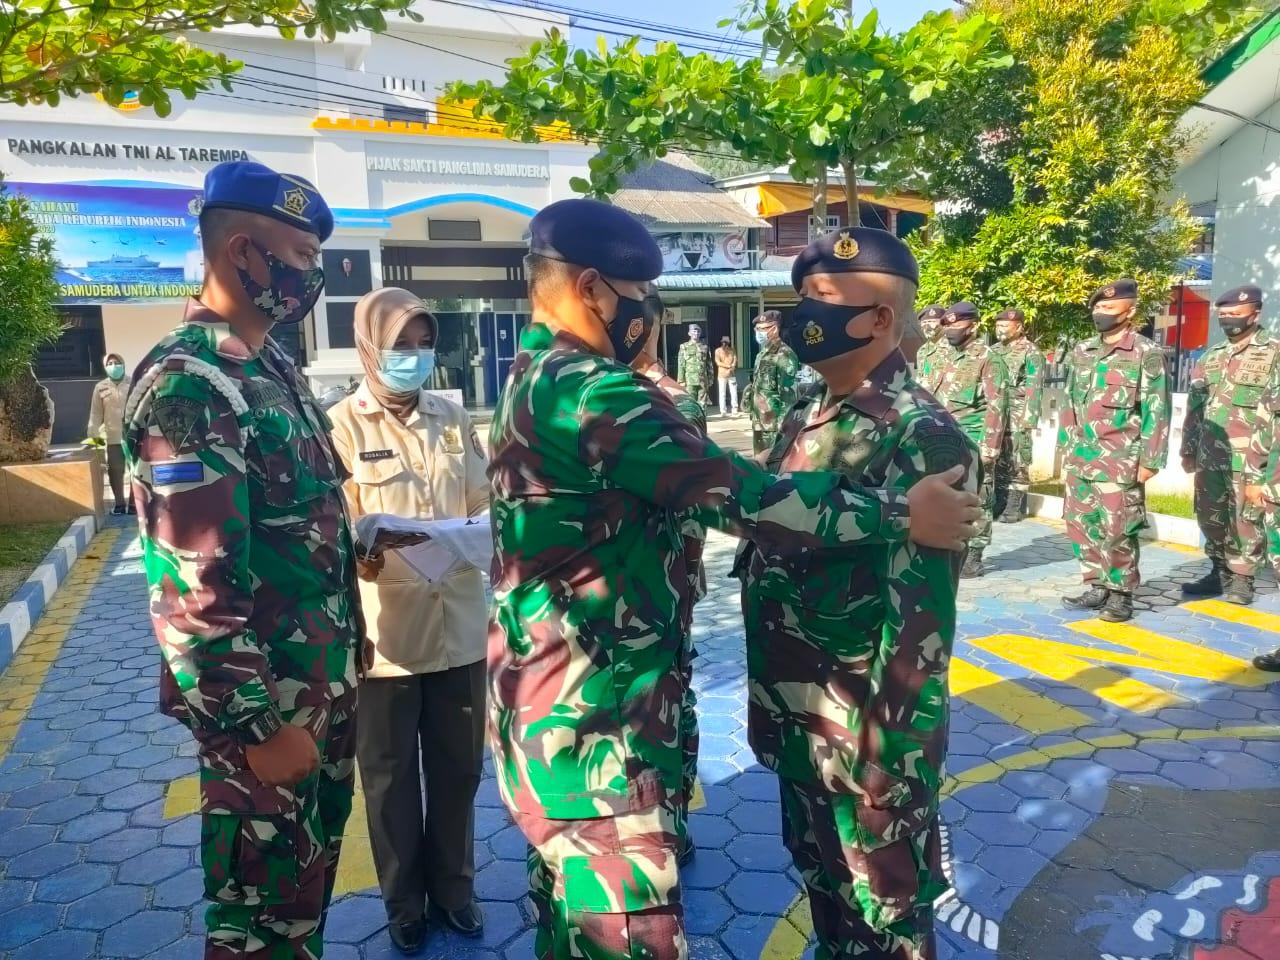 Foto Lanal Tarempa, Personel lanal tarempa, prajurit lanal tarempa, Prajurit TNI AL